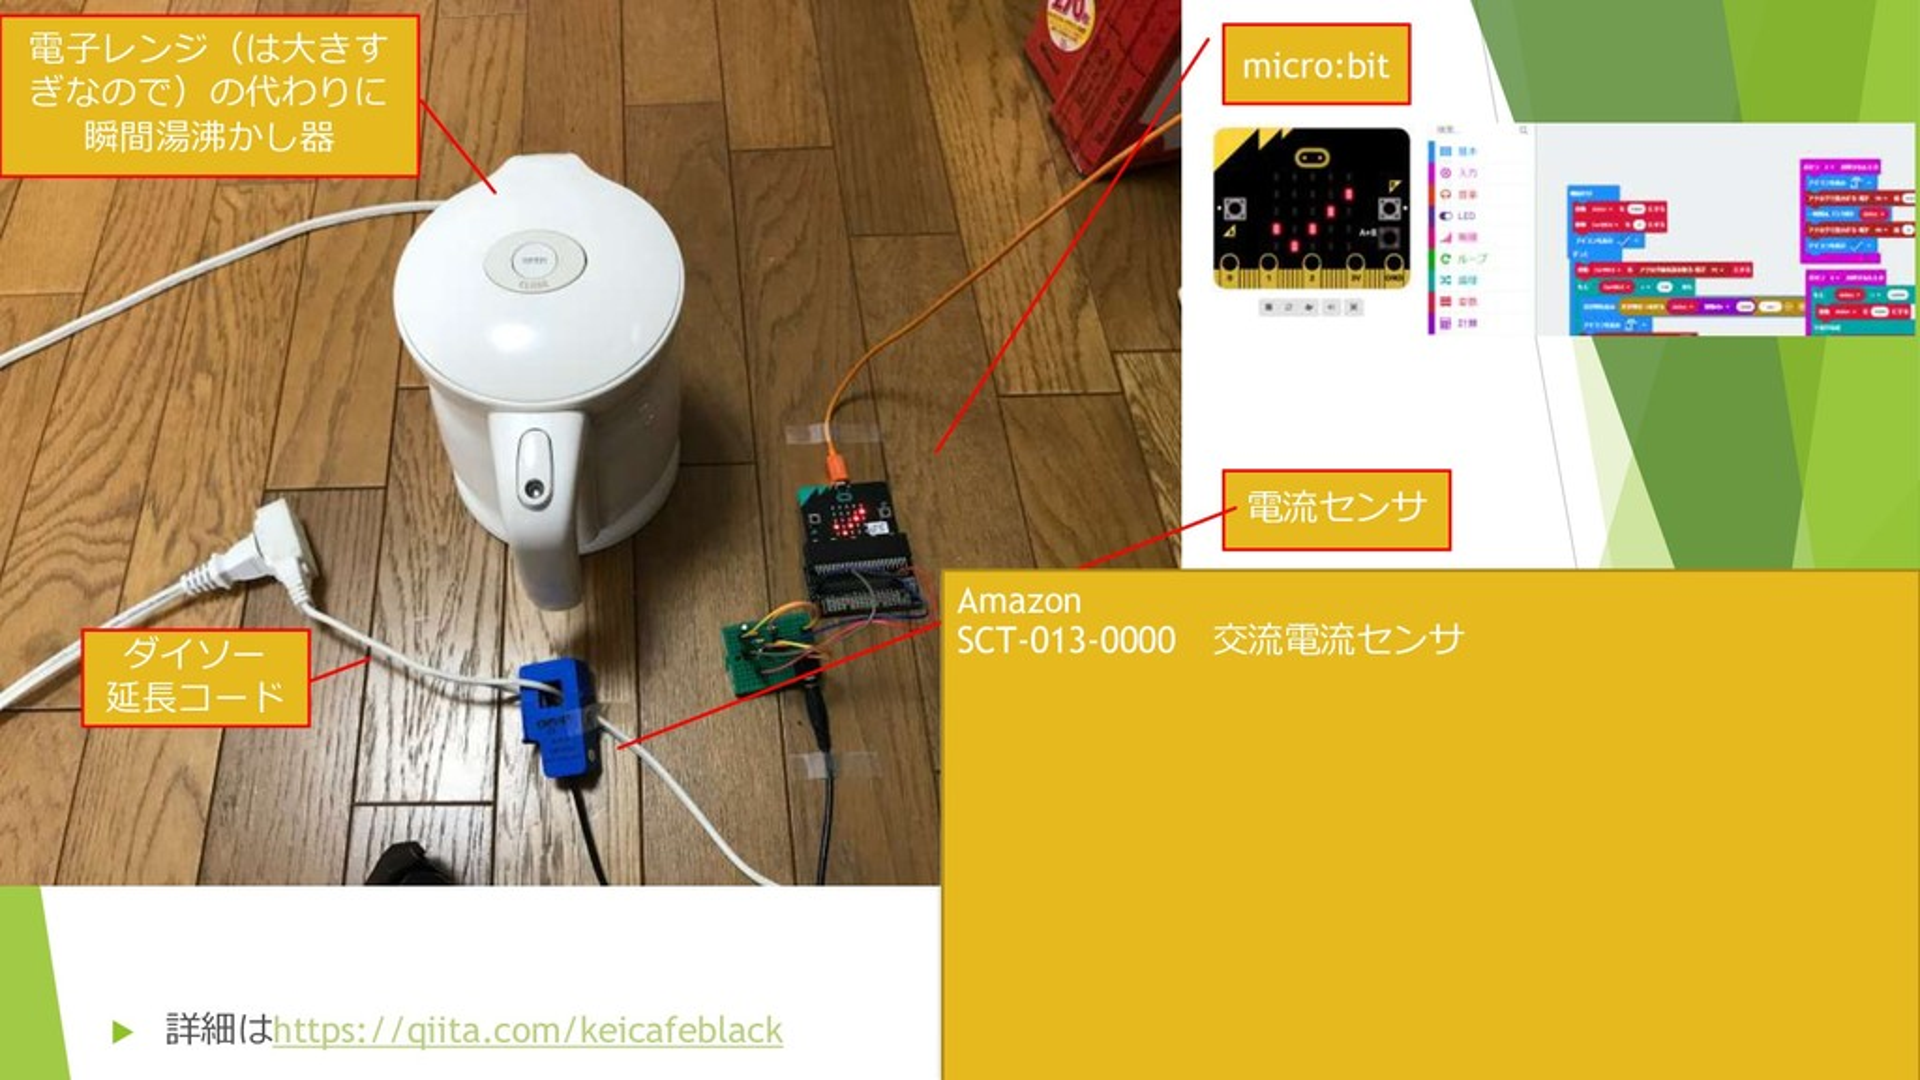 micro:bit 電流センサ ダイソー 延長コード 電子レンジ(は大きす ぎなので)の代わり...